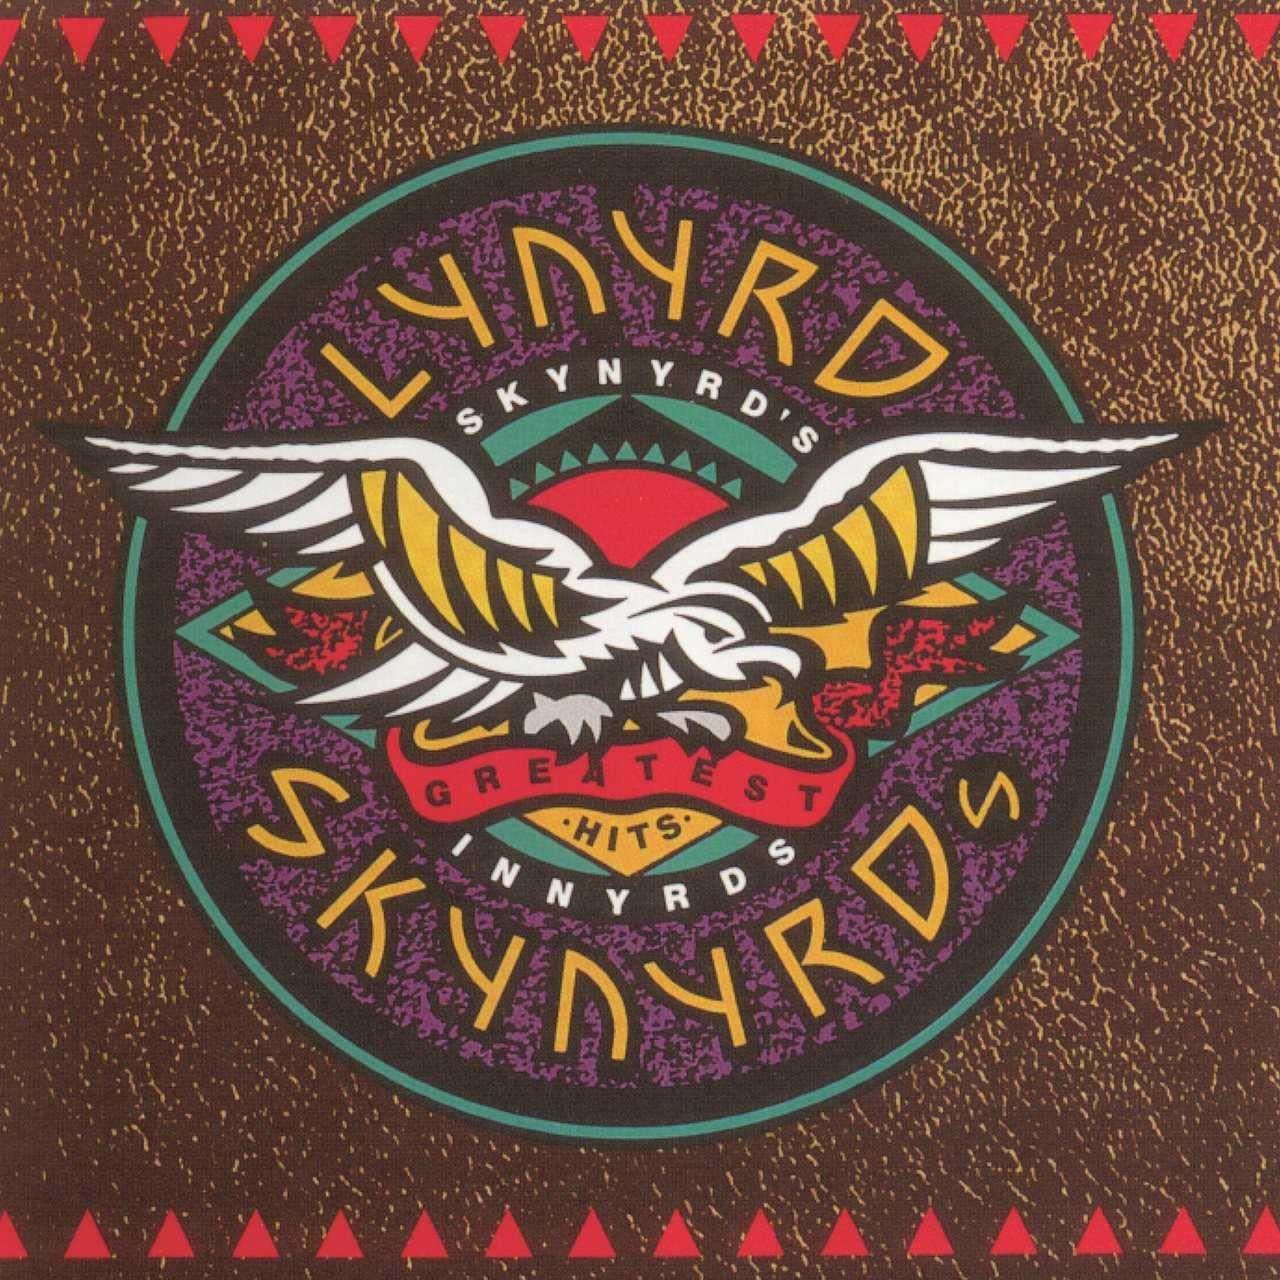 Lynyrd Skynyrd – Skynyrd's Innyrds / Their Greatest Hits